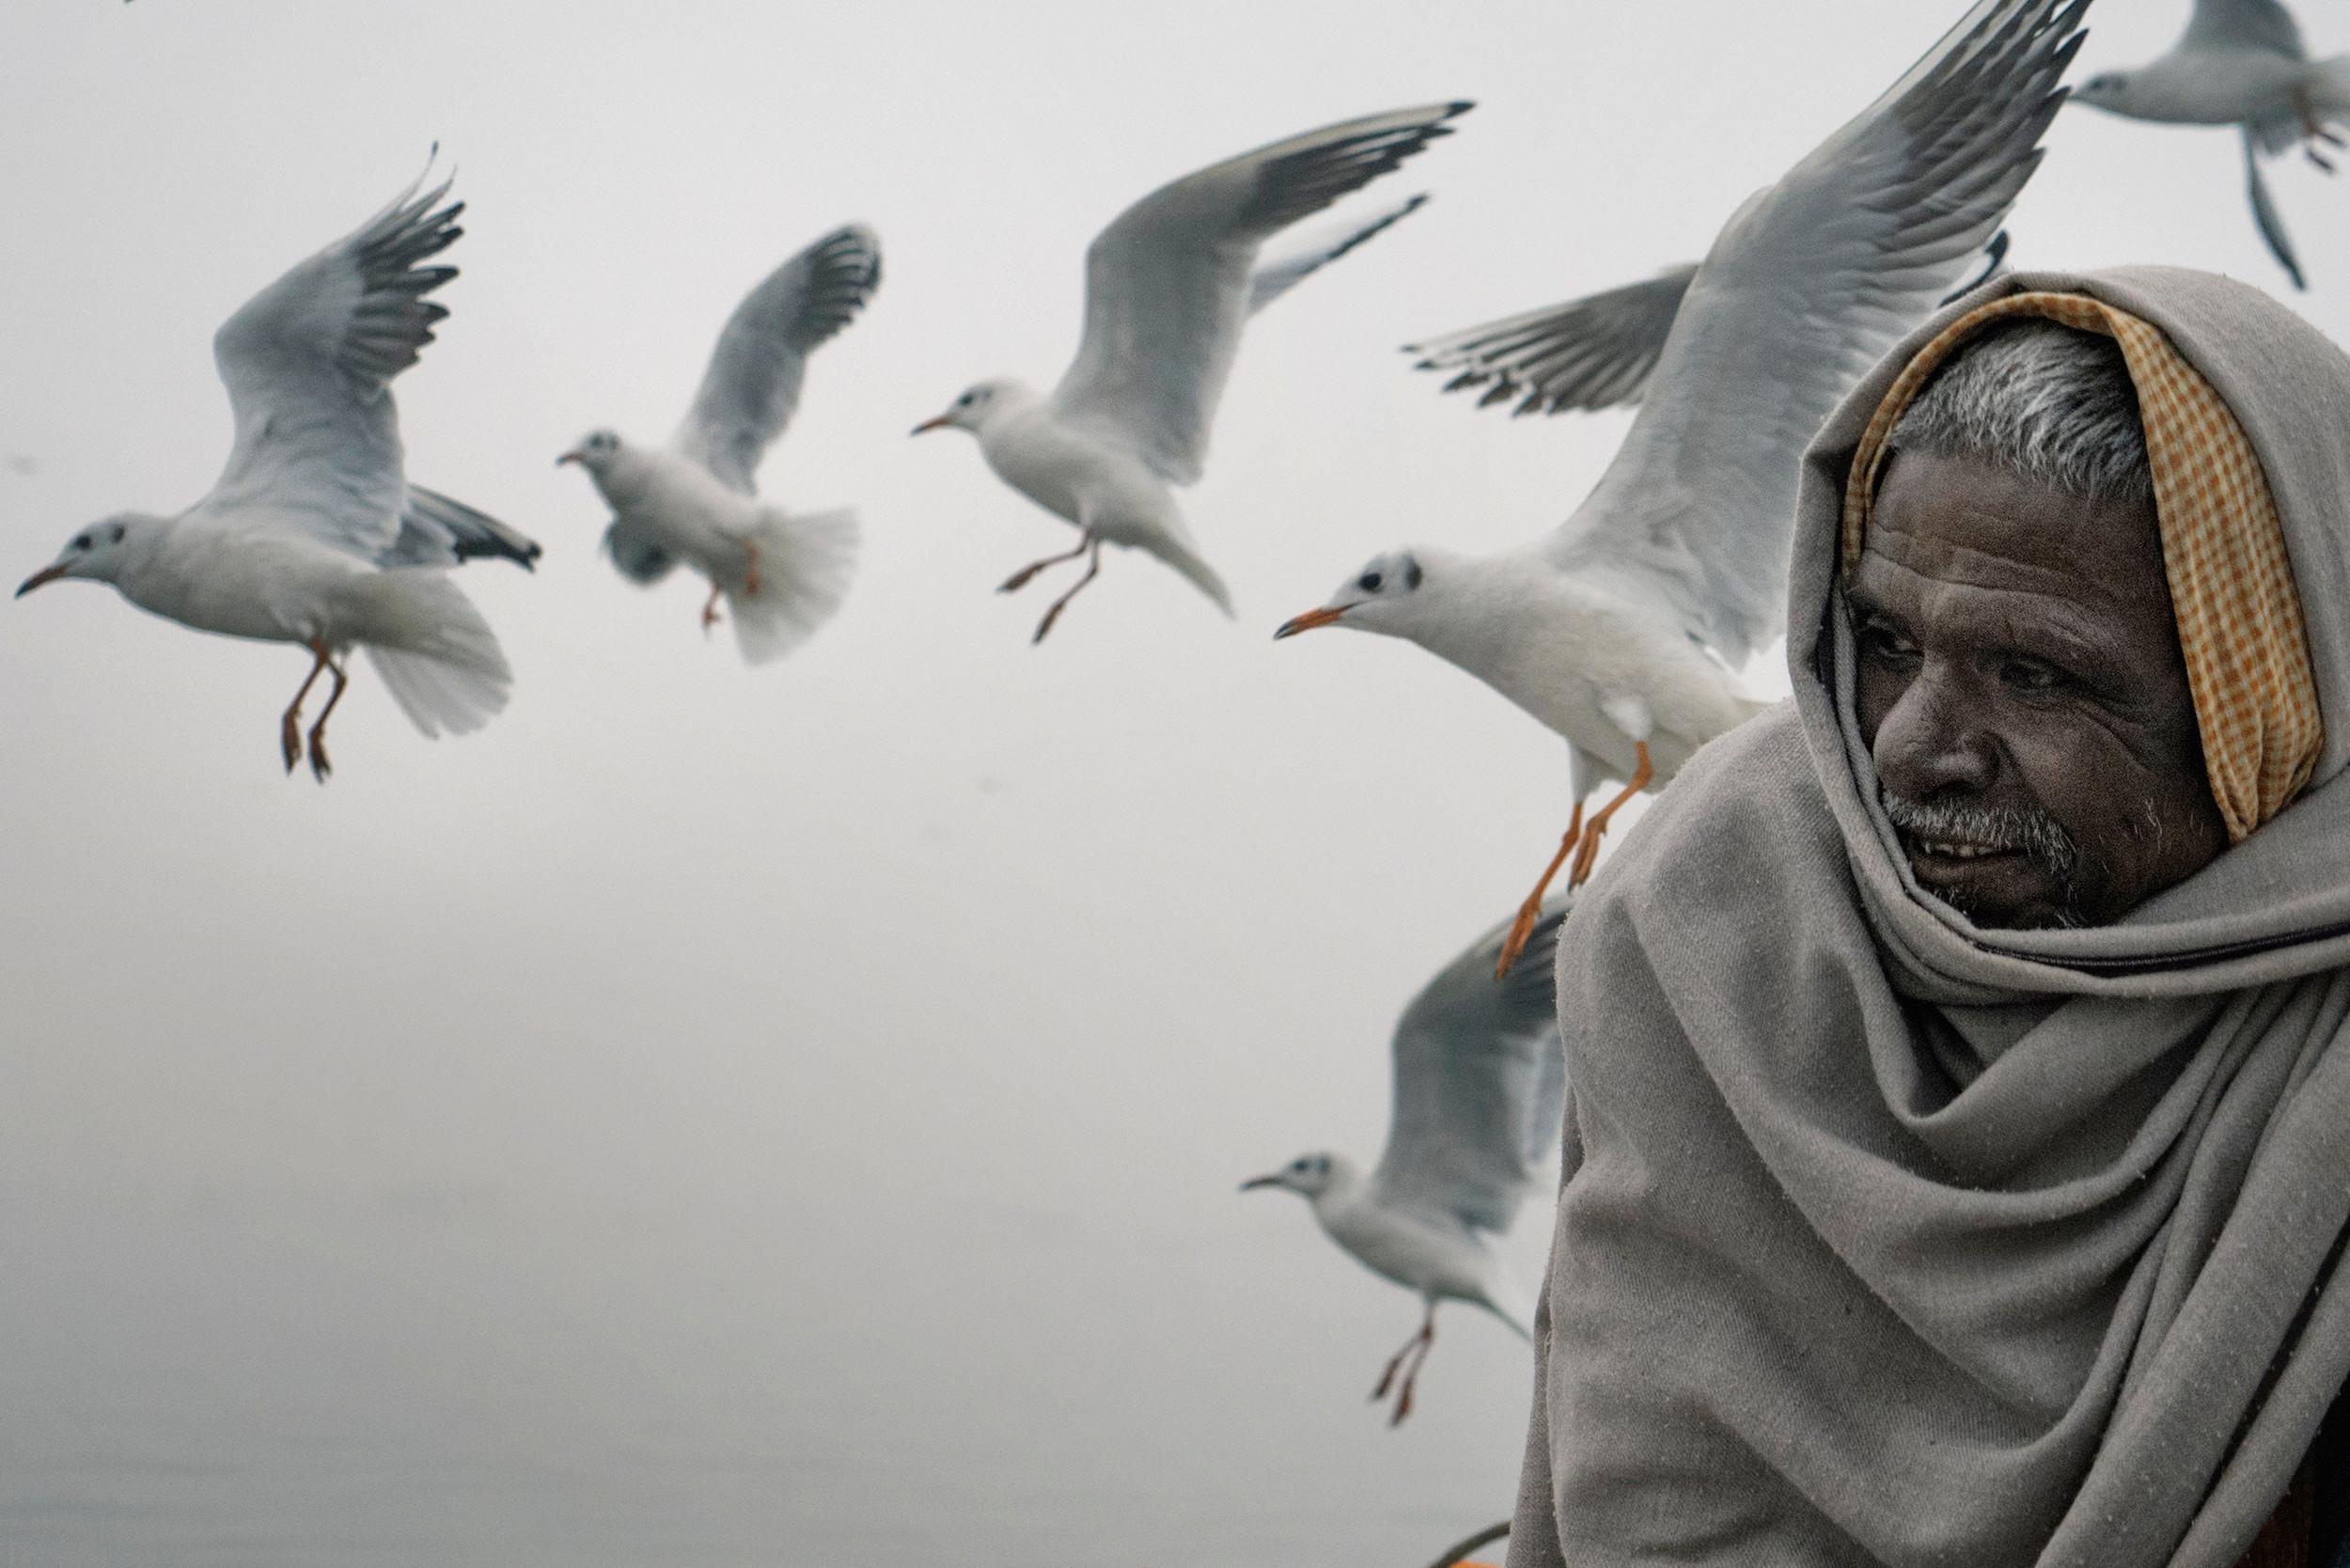 Vranasi boatman with birds behind him